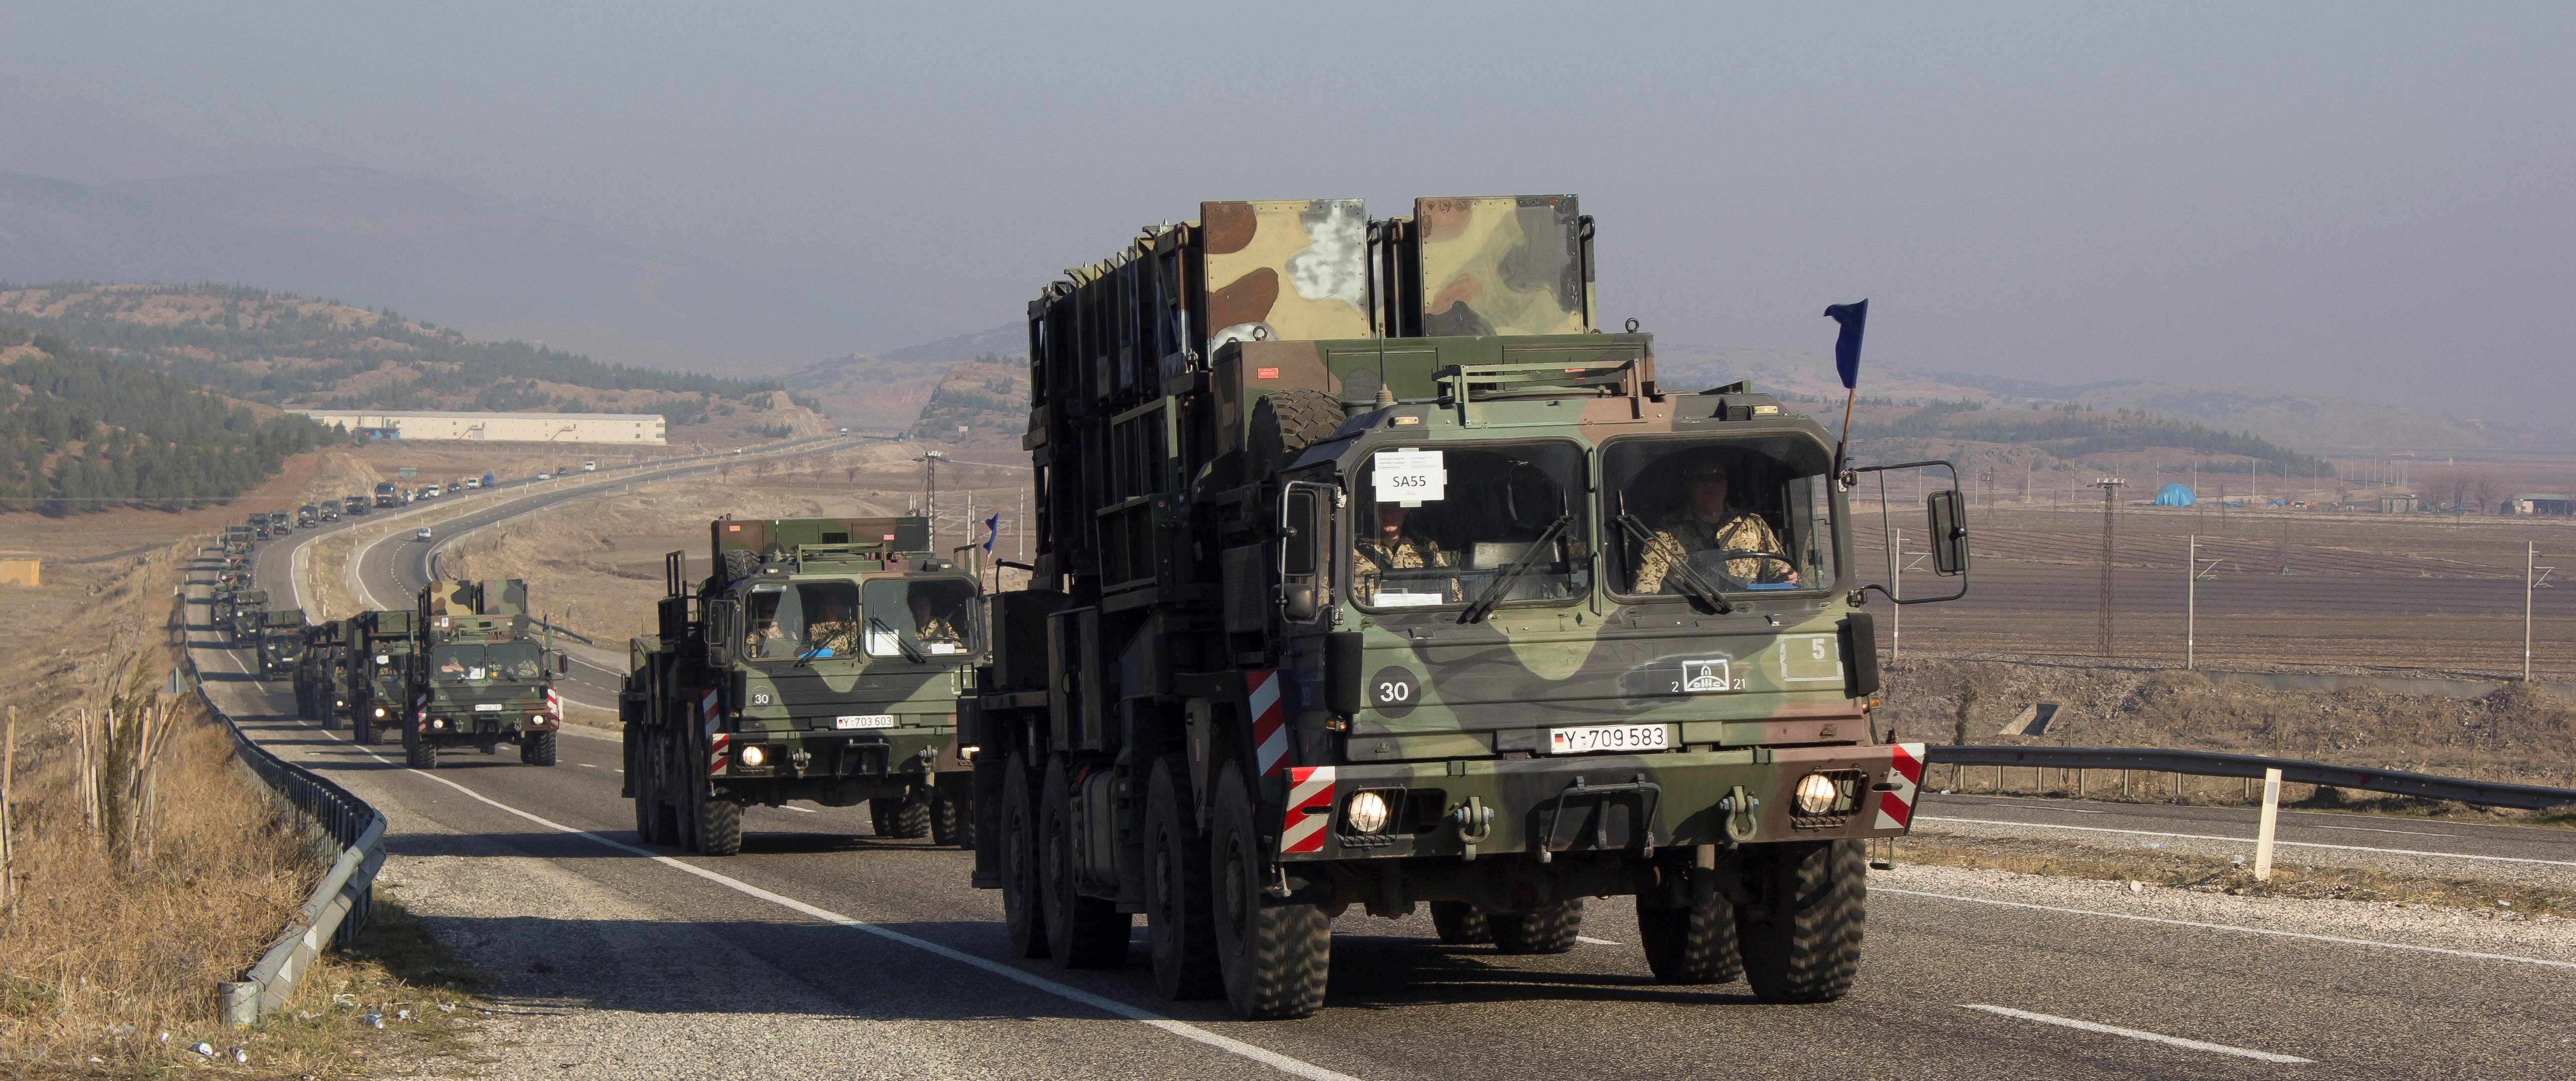 Straße mit einem Konvoi an Militär-Fahrzeugen